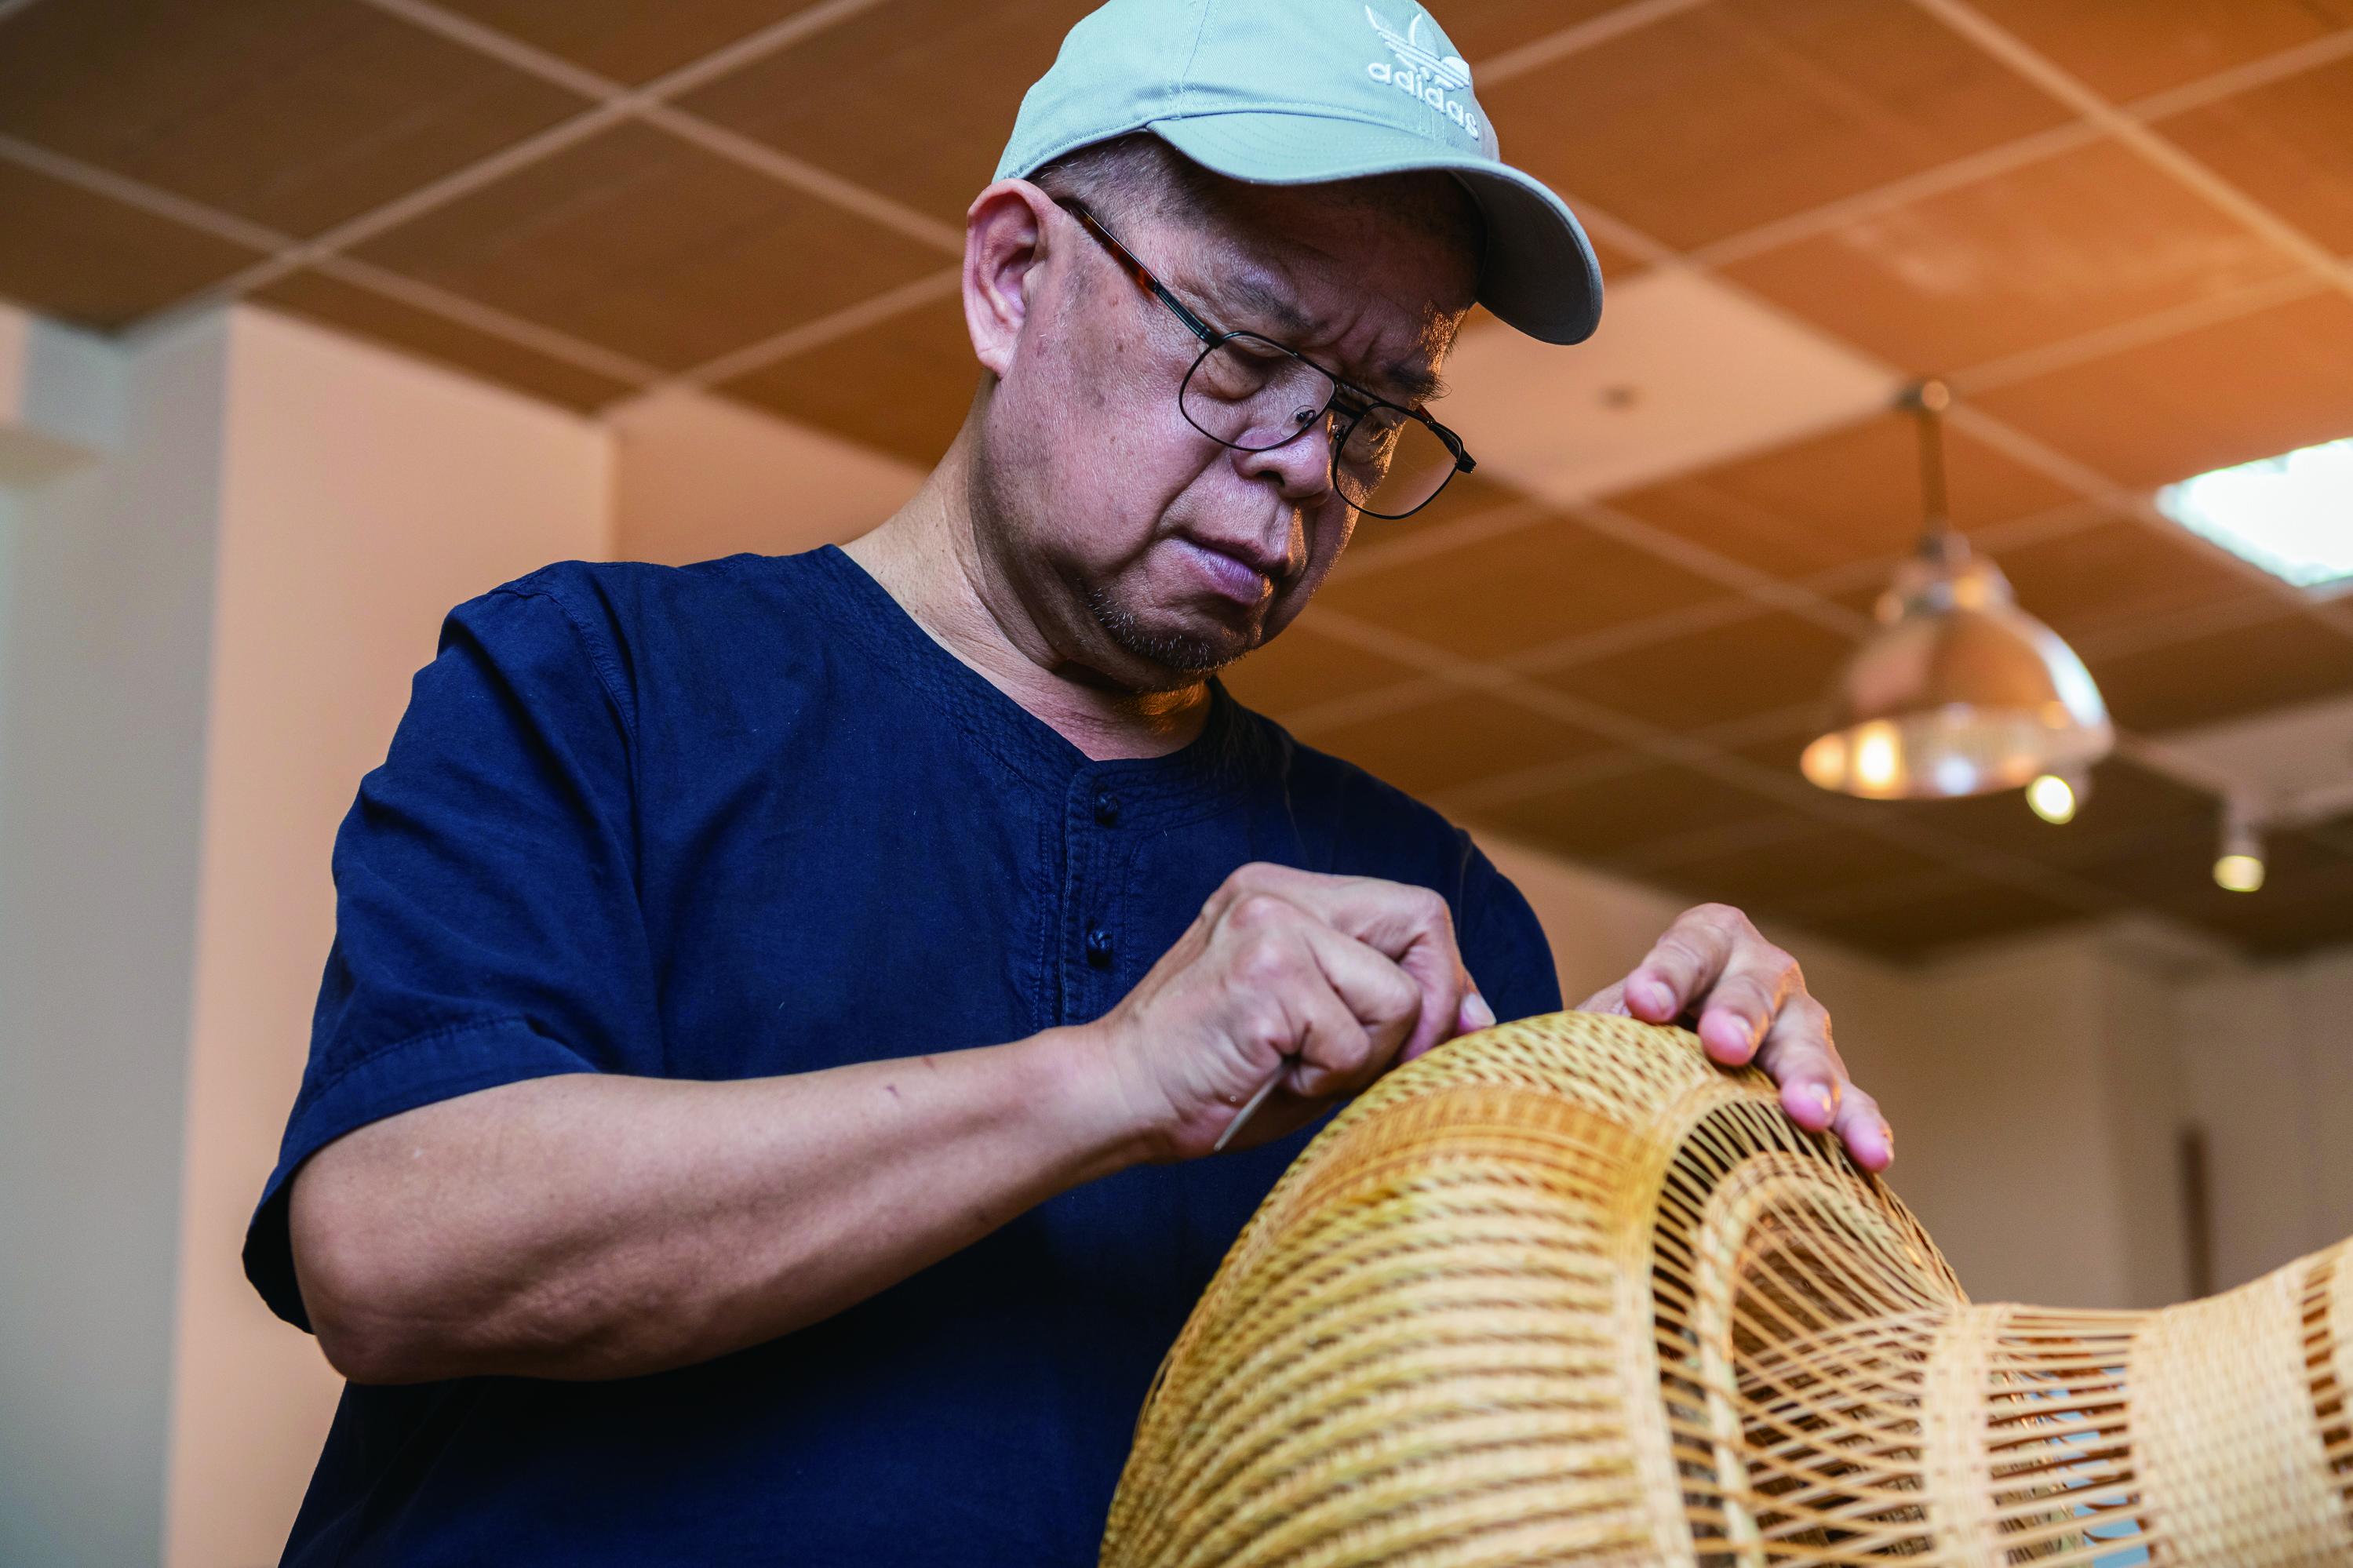 7-傳藝工坊教育推廣活動的DIY體驗課程,是希望民眾透過實際的手作過程,更加認識傳統工藝的特色與內涵。(右二為竹工藝駐園藝生劉興澤).jpg